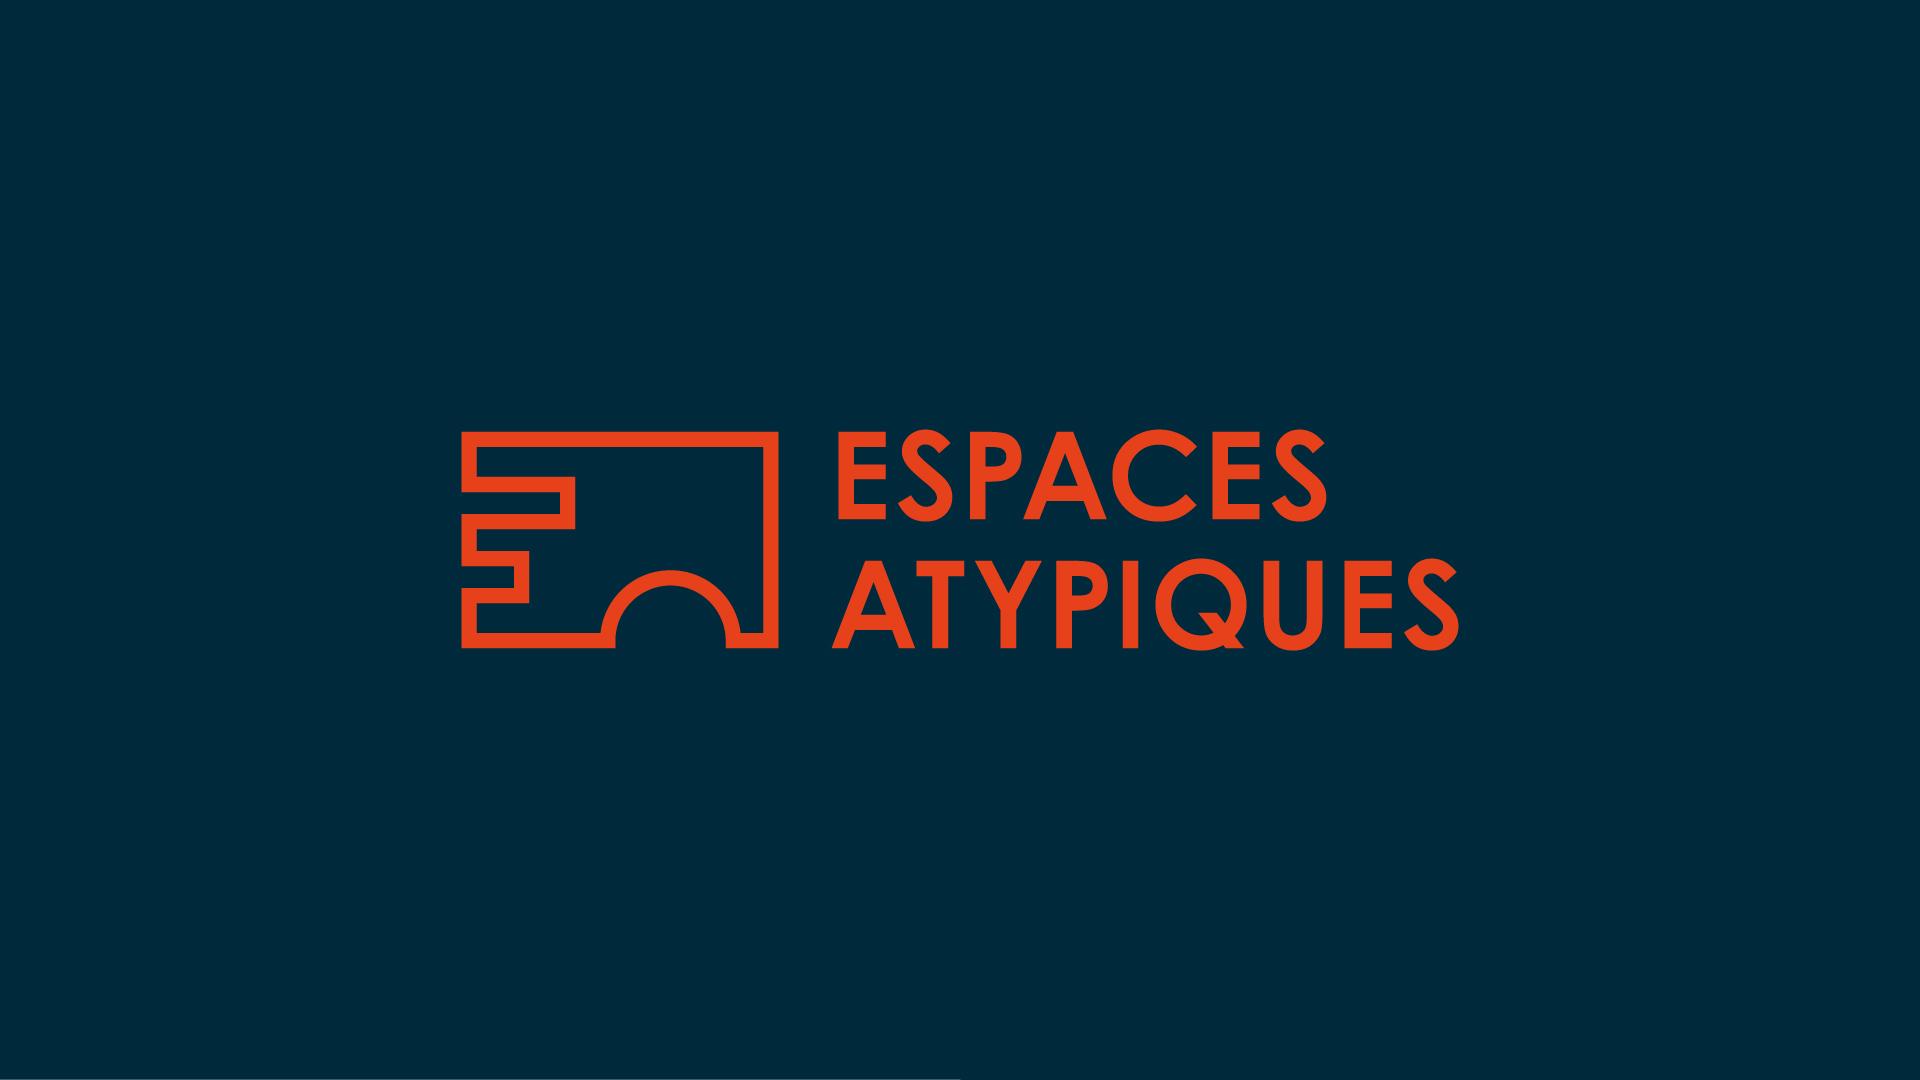 Logotype de la marque Espaces Atypique